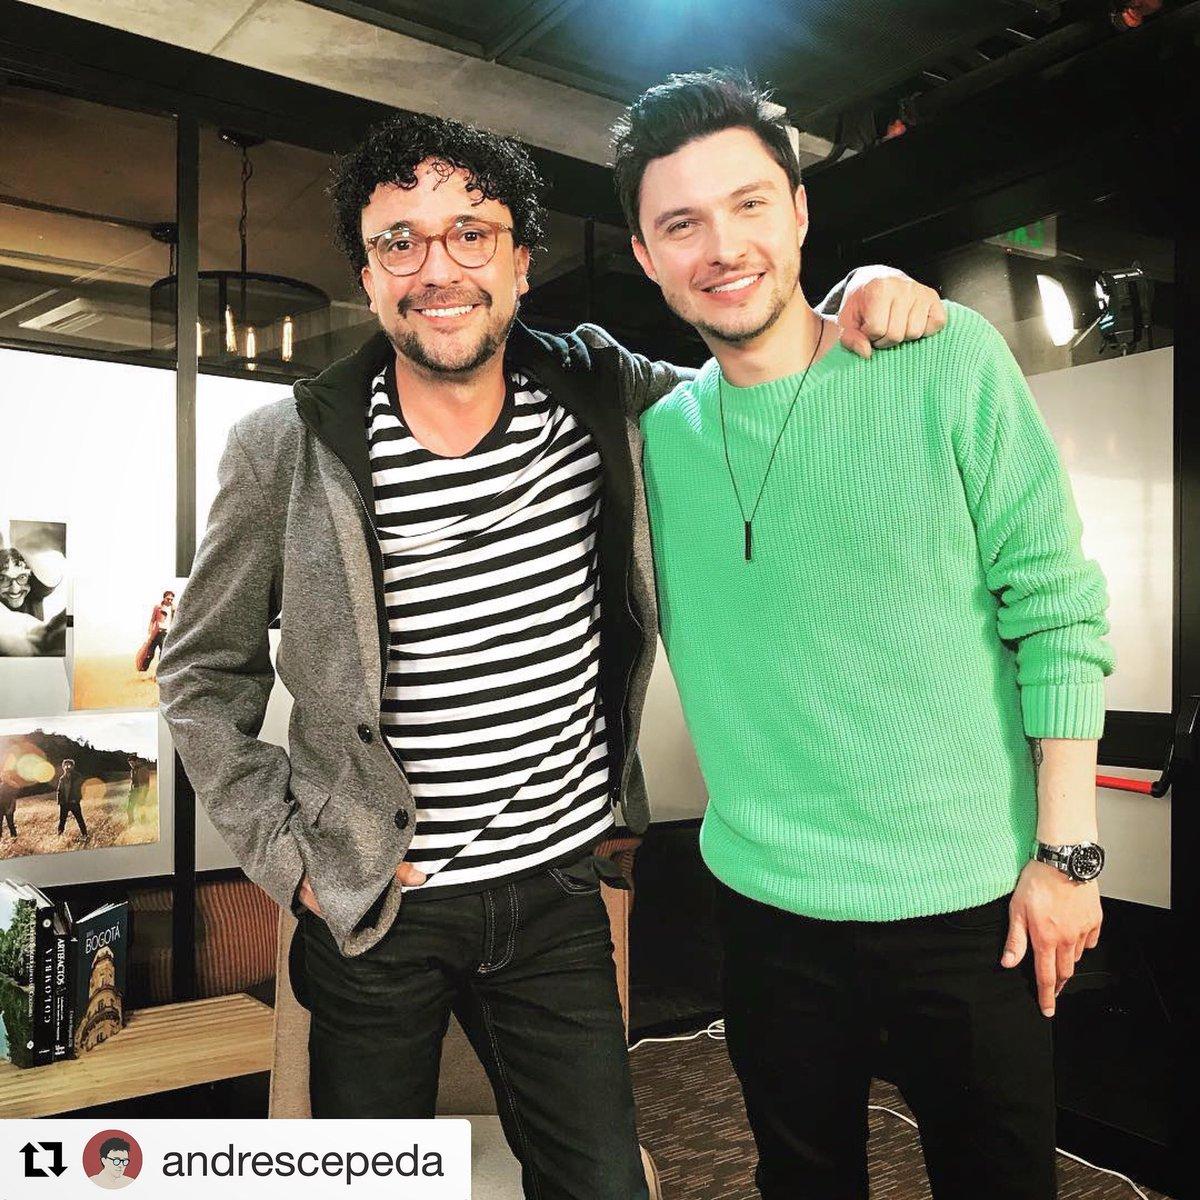 Un placer acompañar hoy a @andrescepeda...